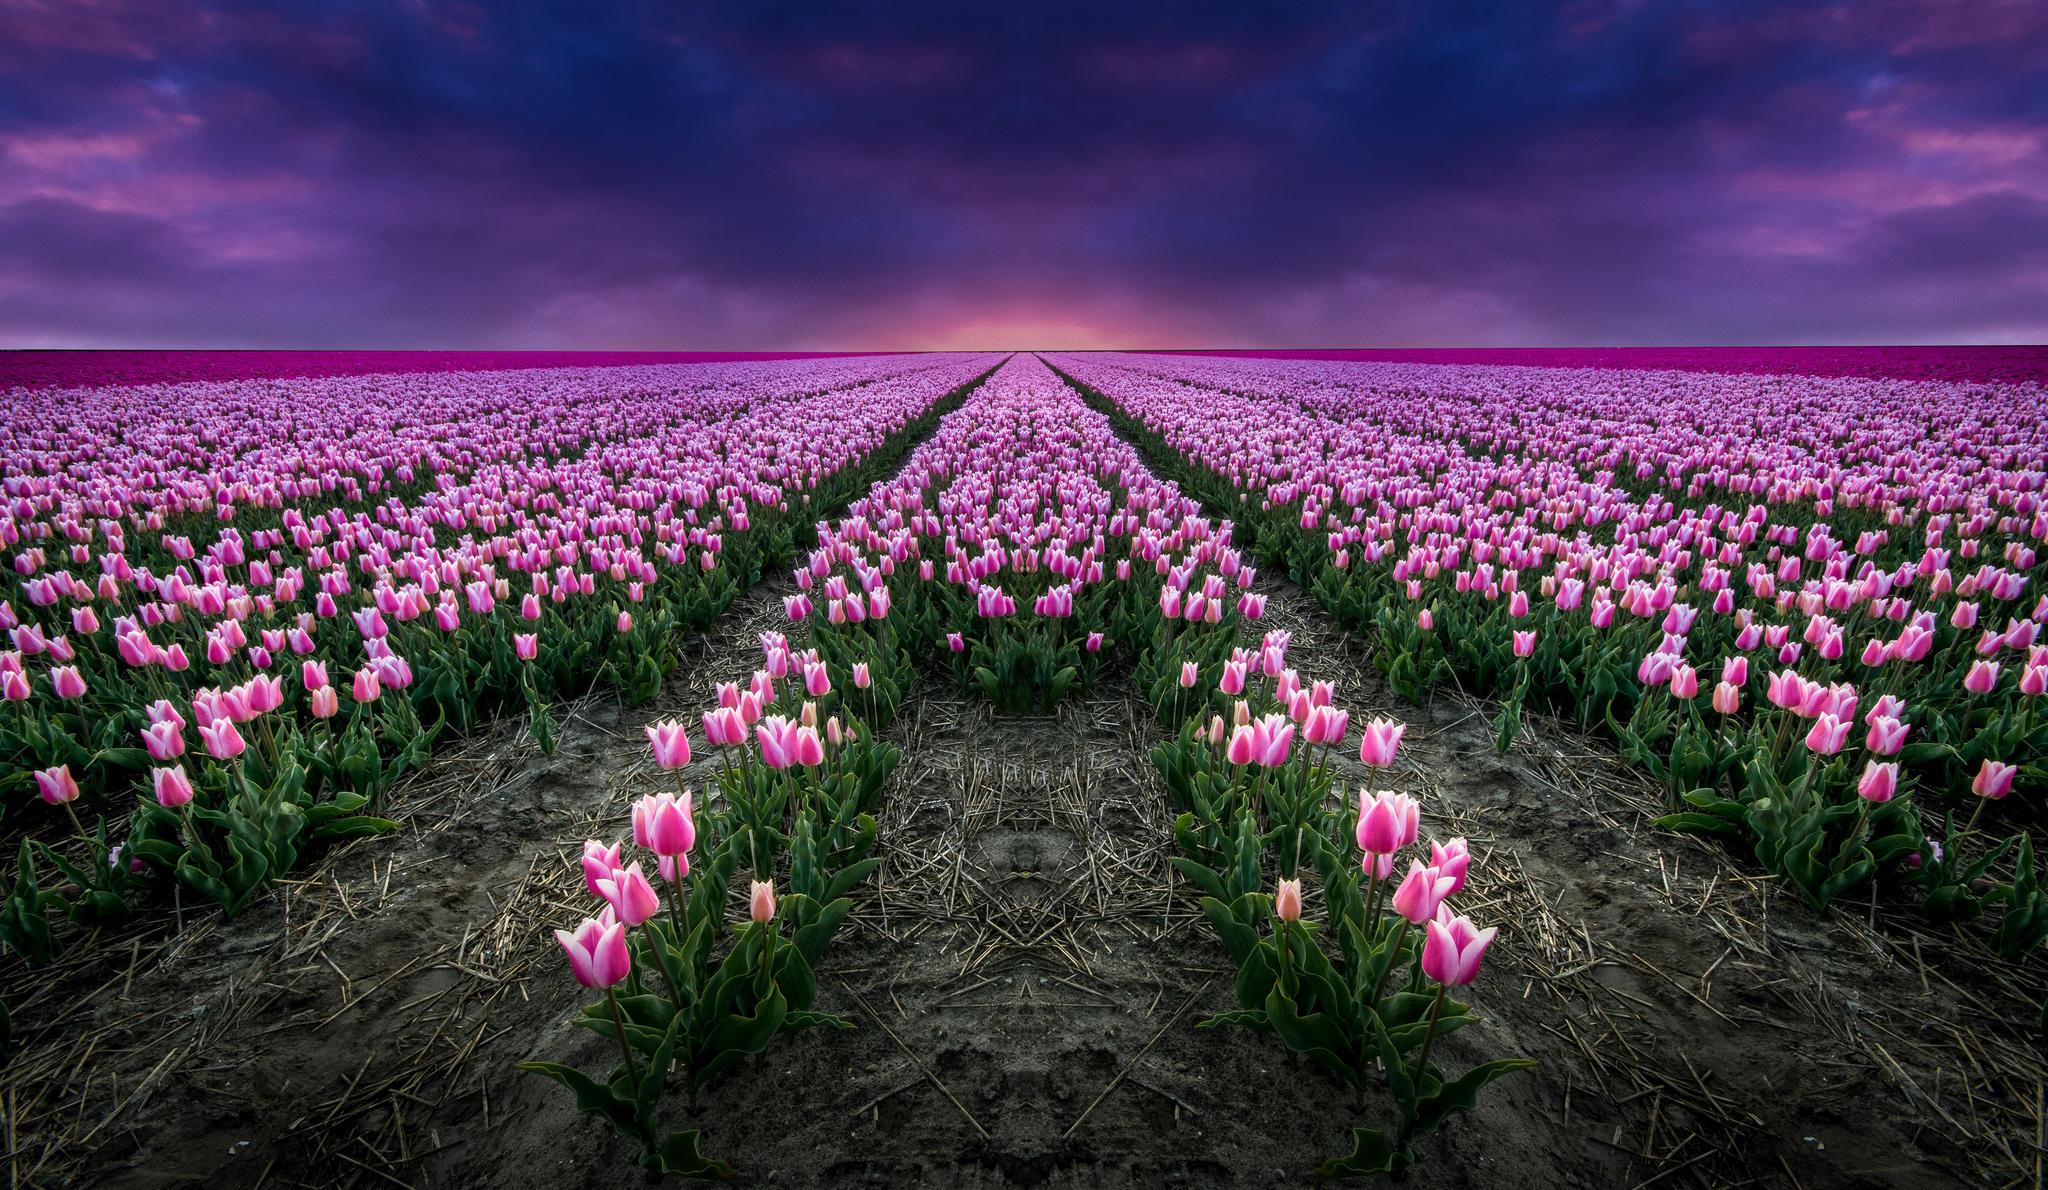 Картинки тюльпанов на рабочий стол, рамки днем